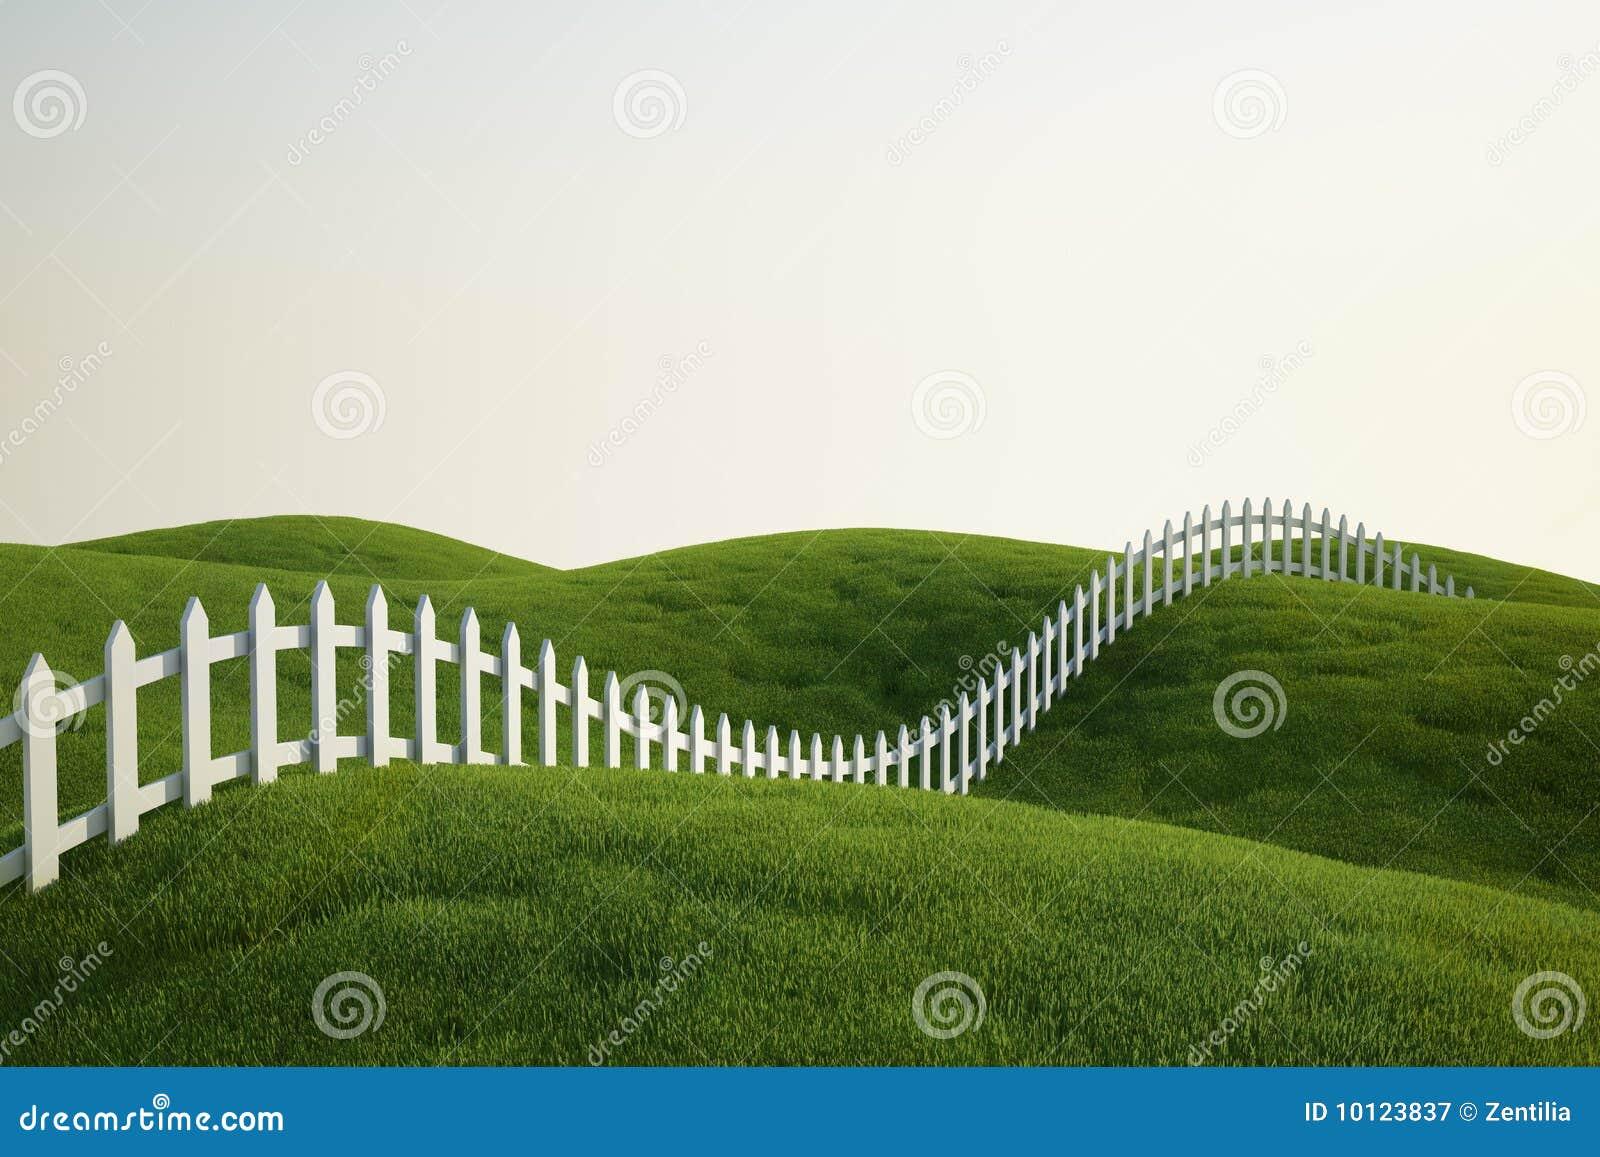 Cerca de piquete blanca en hierba